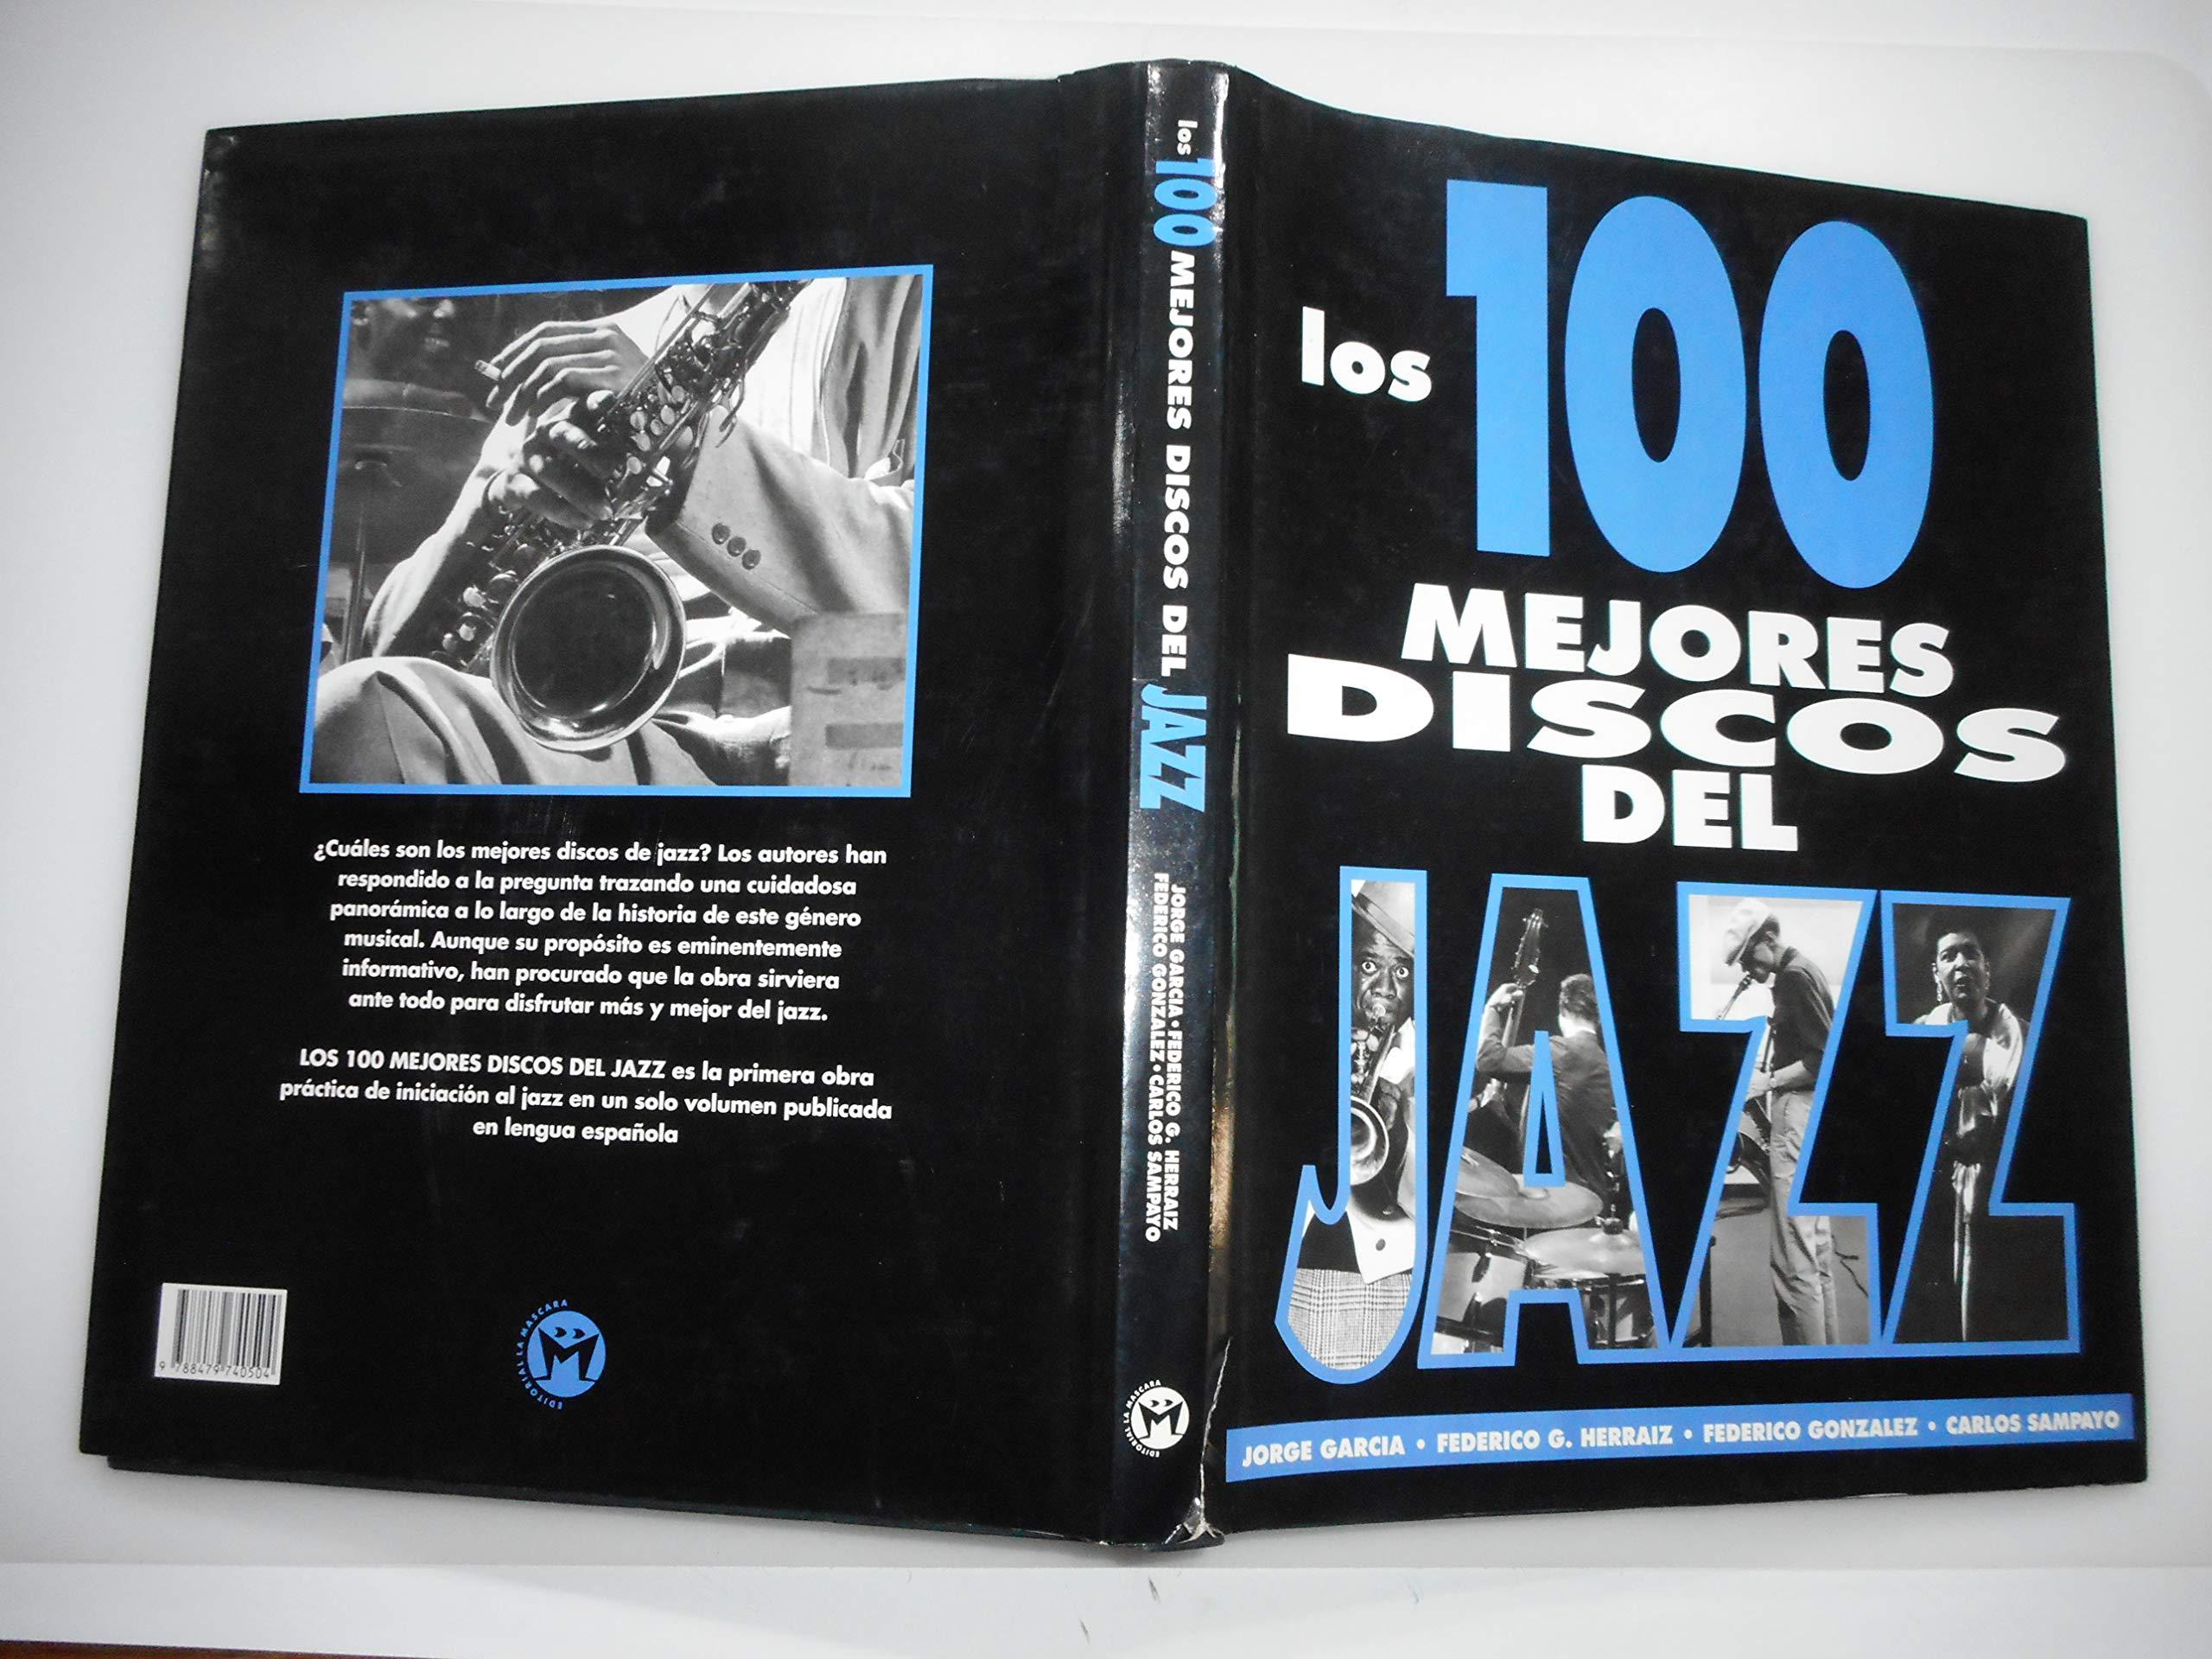 Jazz del que mola. - Página 8 81GrWfg8W2L